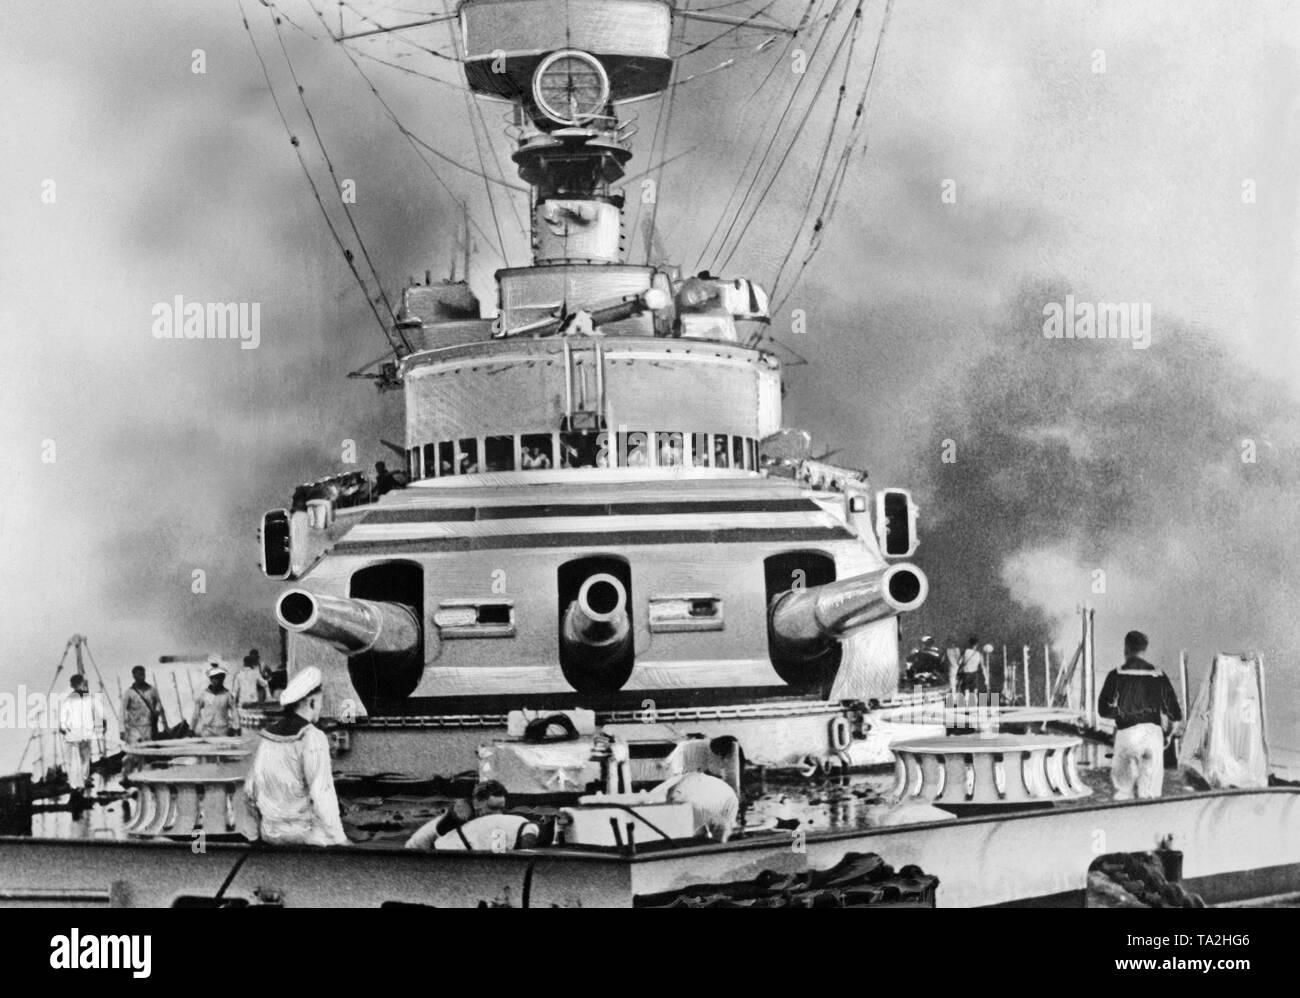 Die teilweise schwere Kreuzer Deutschland kurz nach der Bombardierung zerstört von zwei Republikanische Kampfflugzeuge im Mai 1937 vor der Balearen Insel. Direkt neben der vordere Geschützturm (drei 28 cm Schnellfeuerkanone) steigen Rauchschwaden. Bevor es, Seeleute sind in Brand-bekämpfung. Stockbild